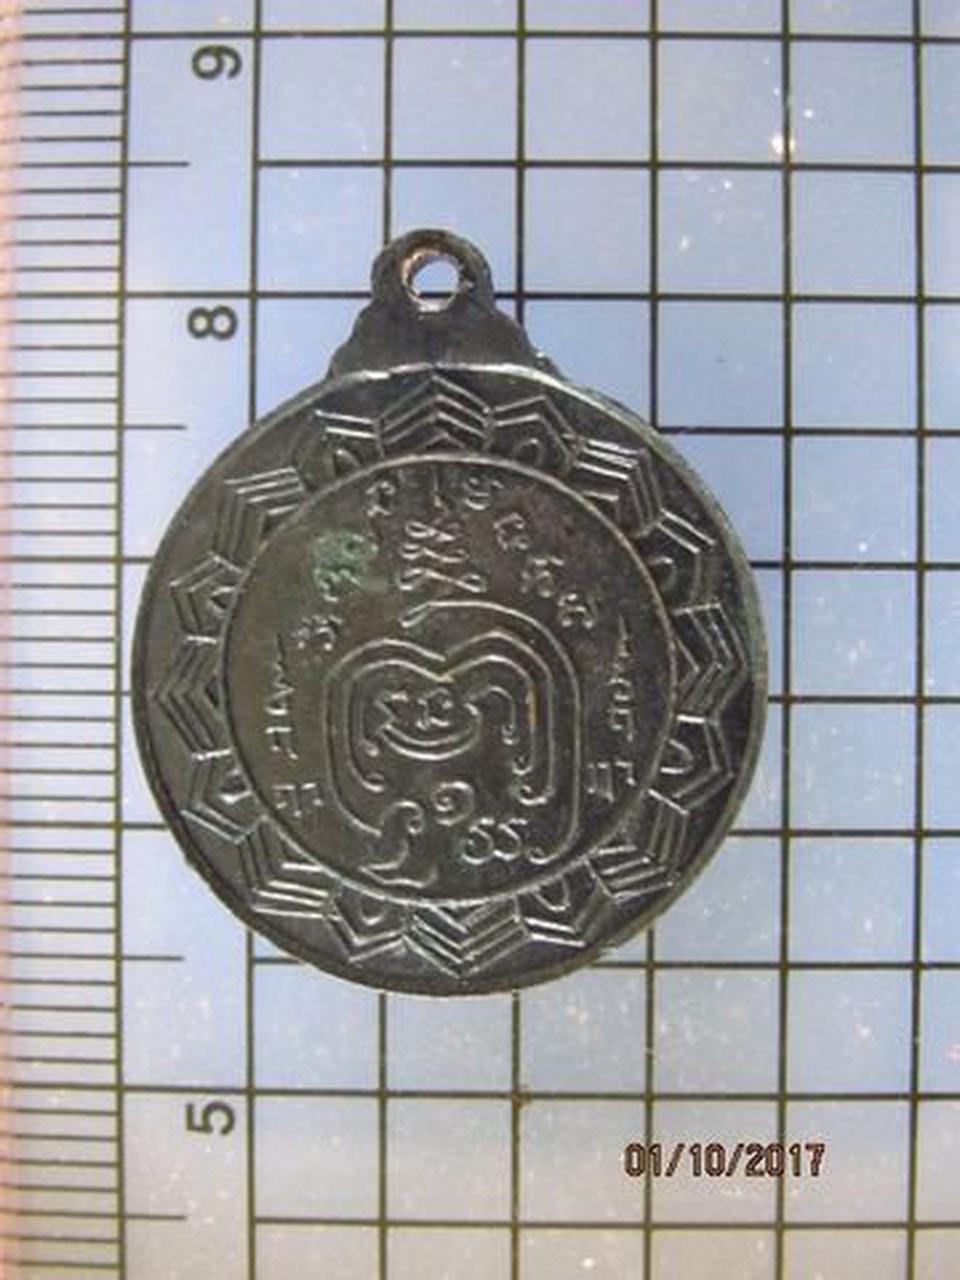 4724 เหรียญรุ่นแรกพระครูวิกรมคณานุการ เจ้าคณะอำเภอสีคิ้ว นคร รูปที่ 1